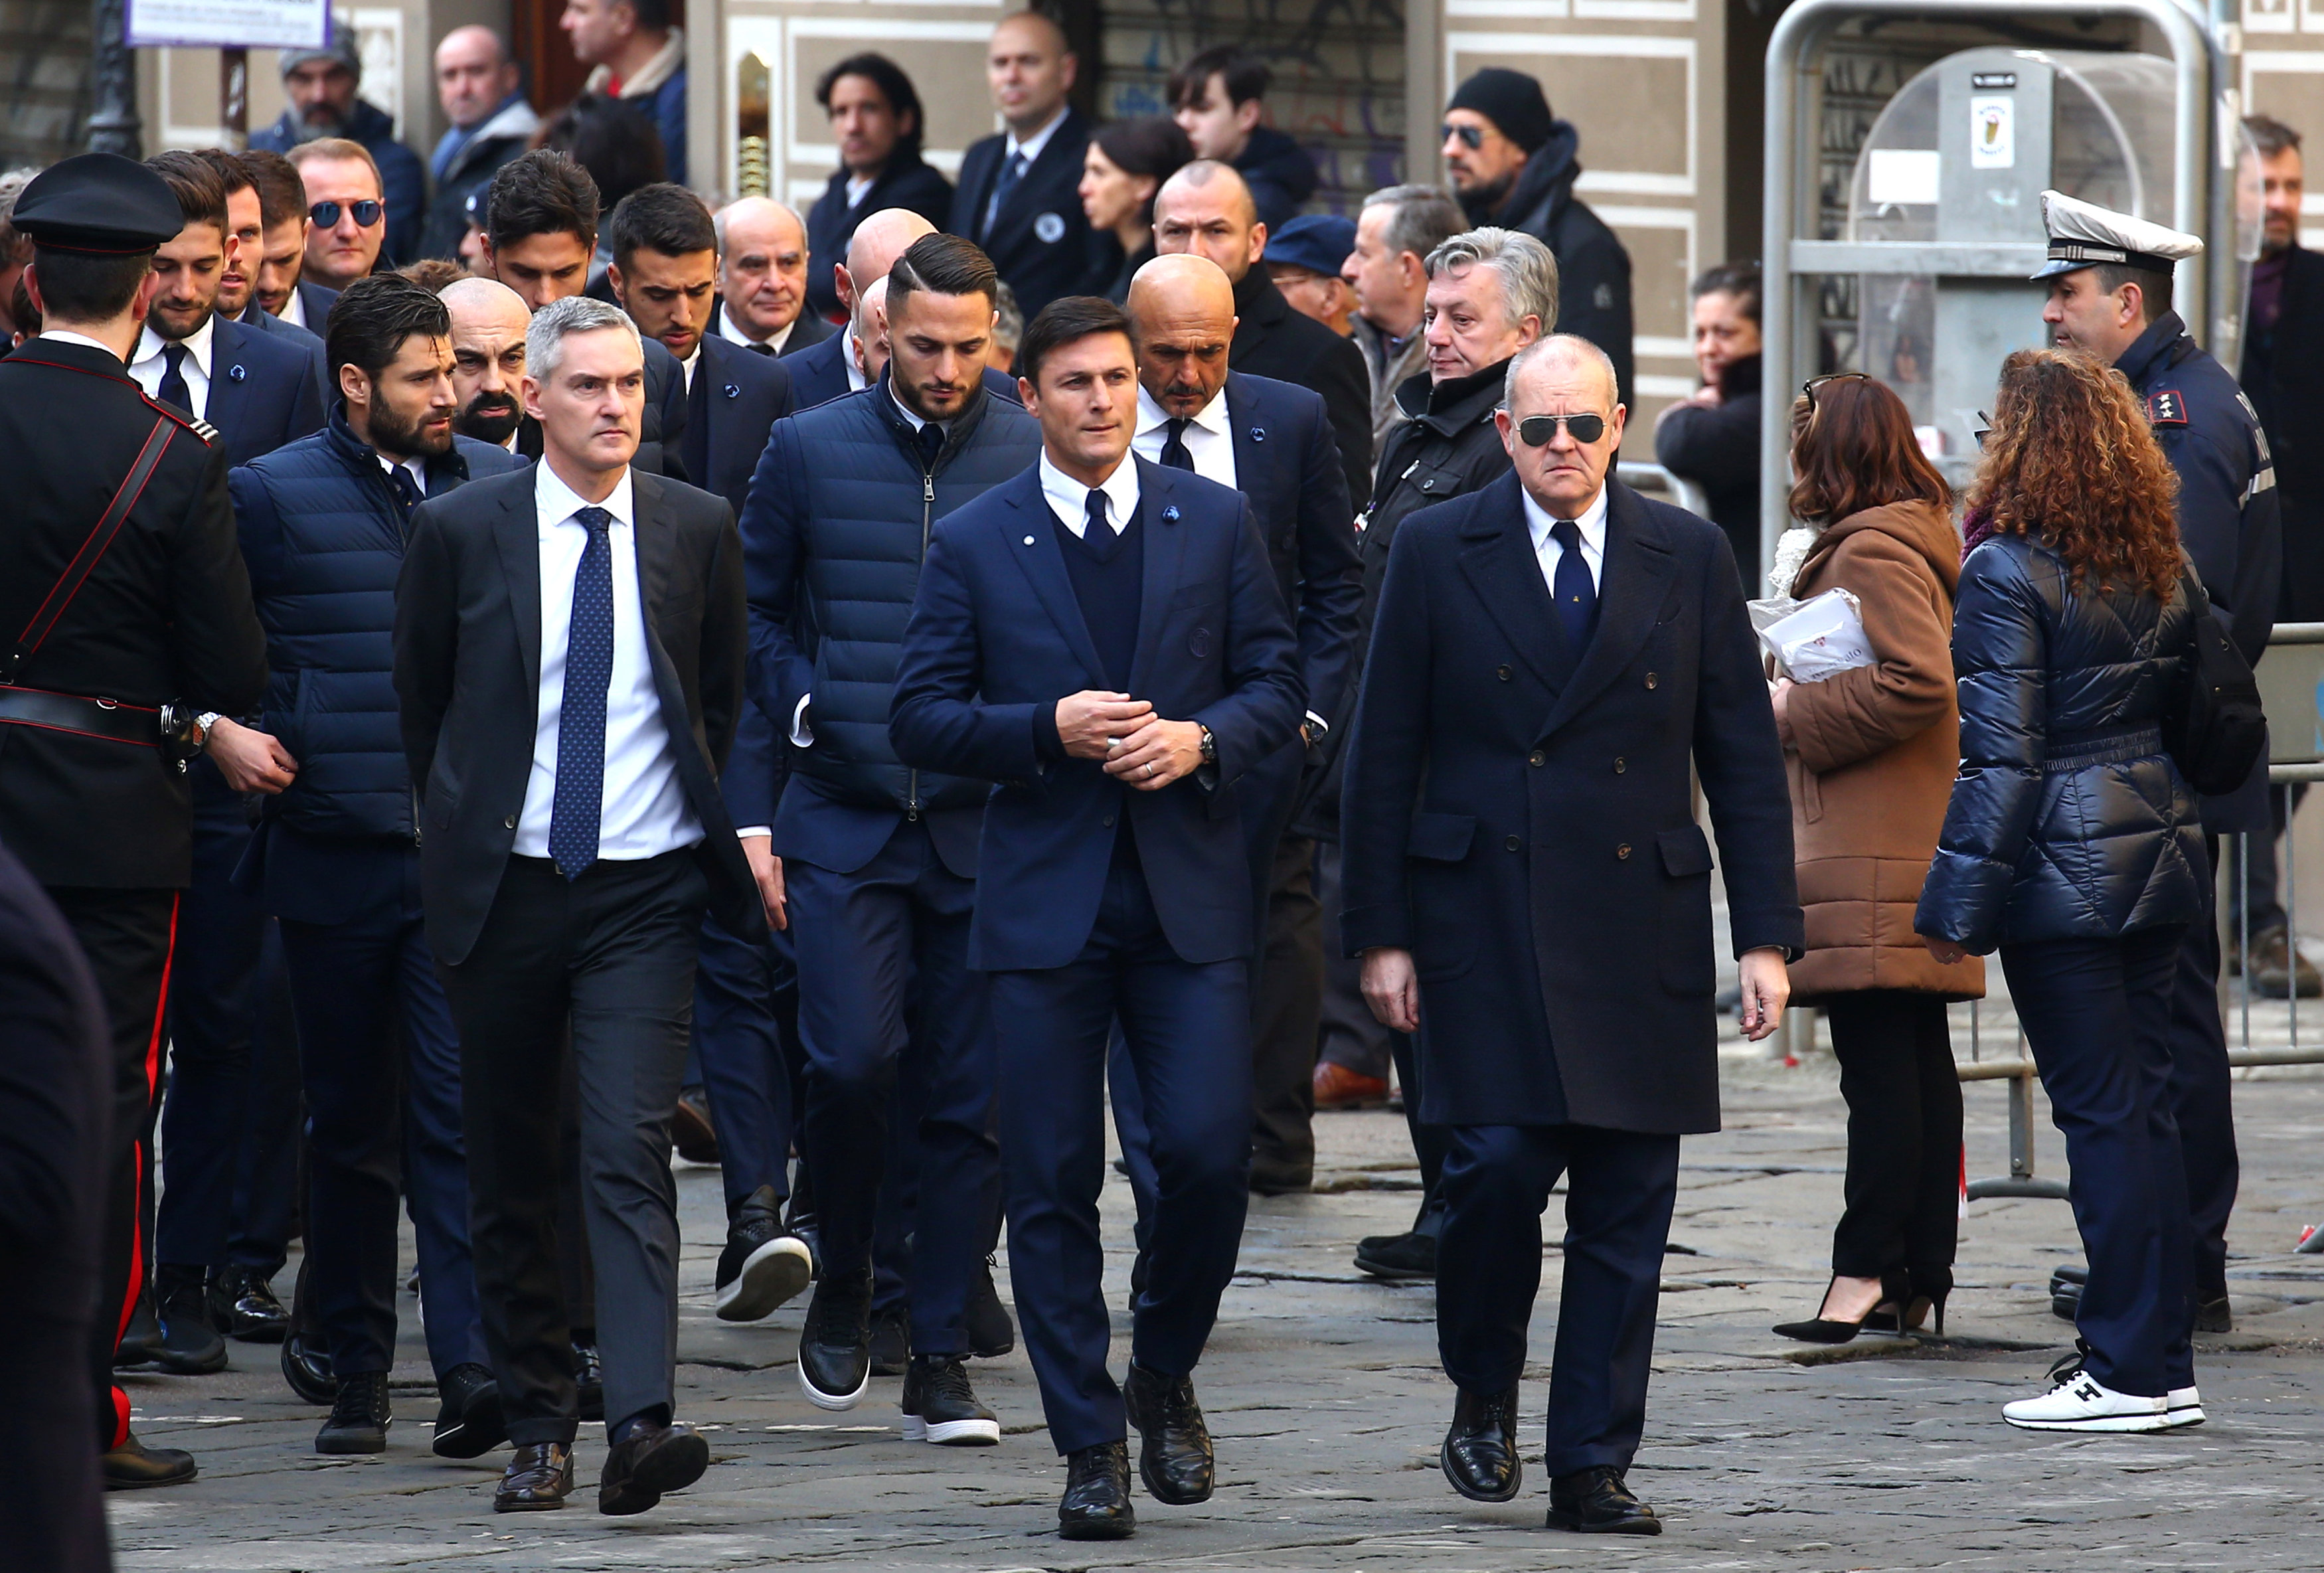 Huyền thoại một thời của Inter Milan, hậu vệ Javier Zanetti (giữa). Ảnh: REUTERS